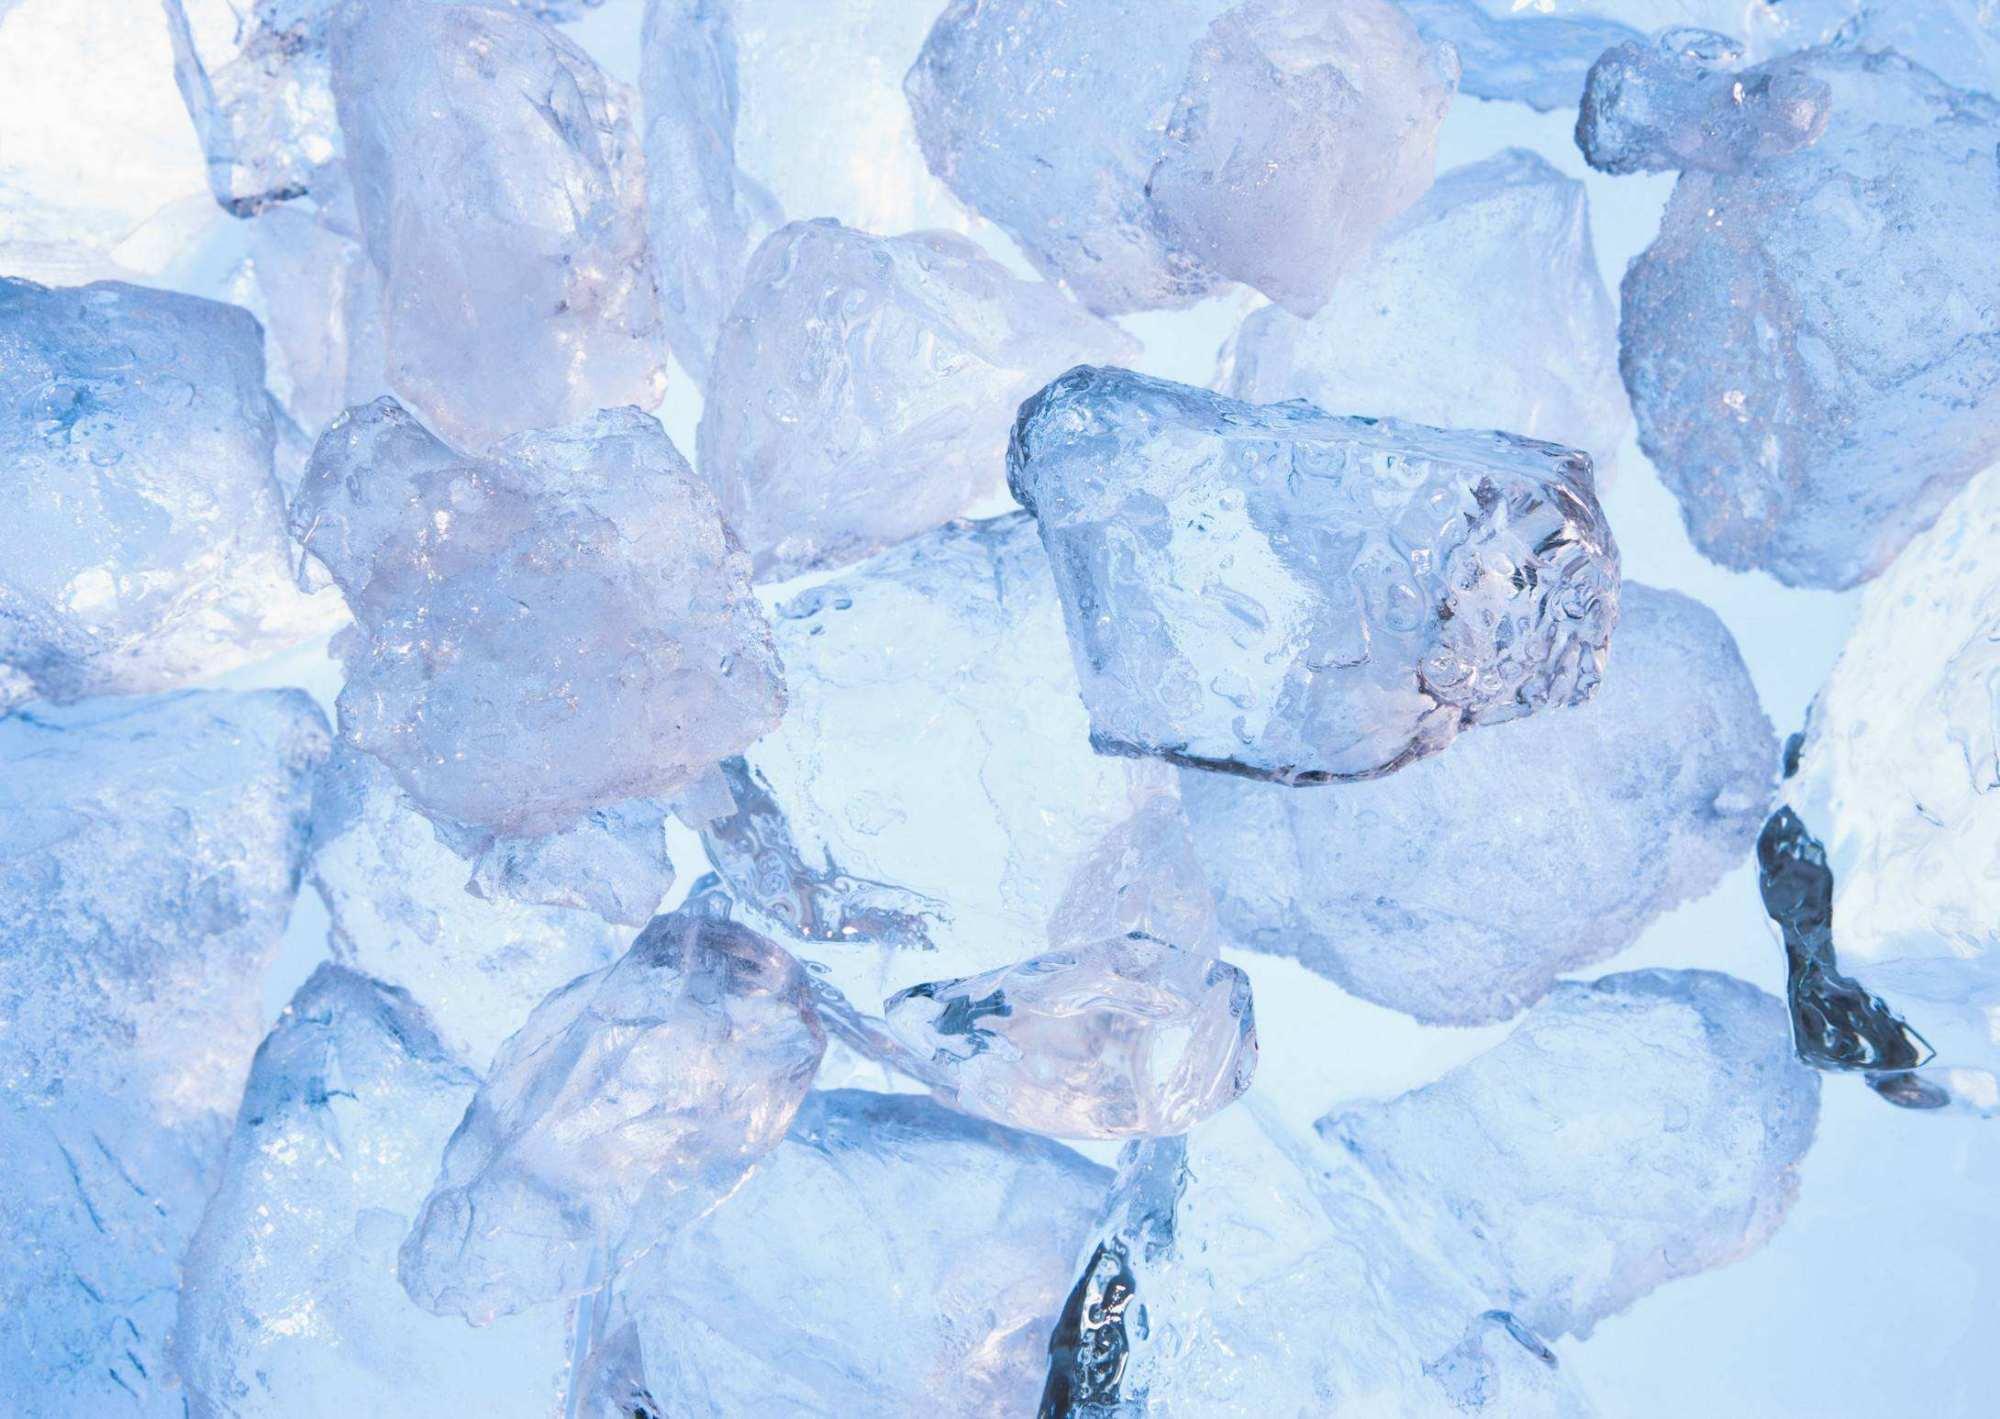 价值2000元的冰块,号称冰界贵族,有钱人的世界我不懂